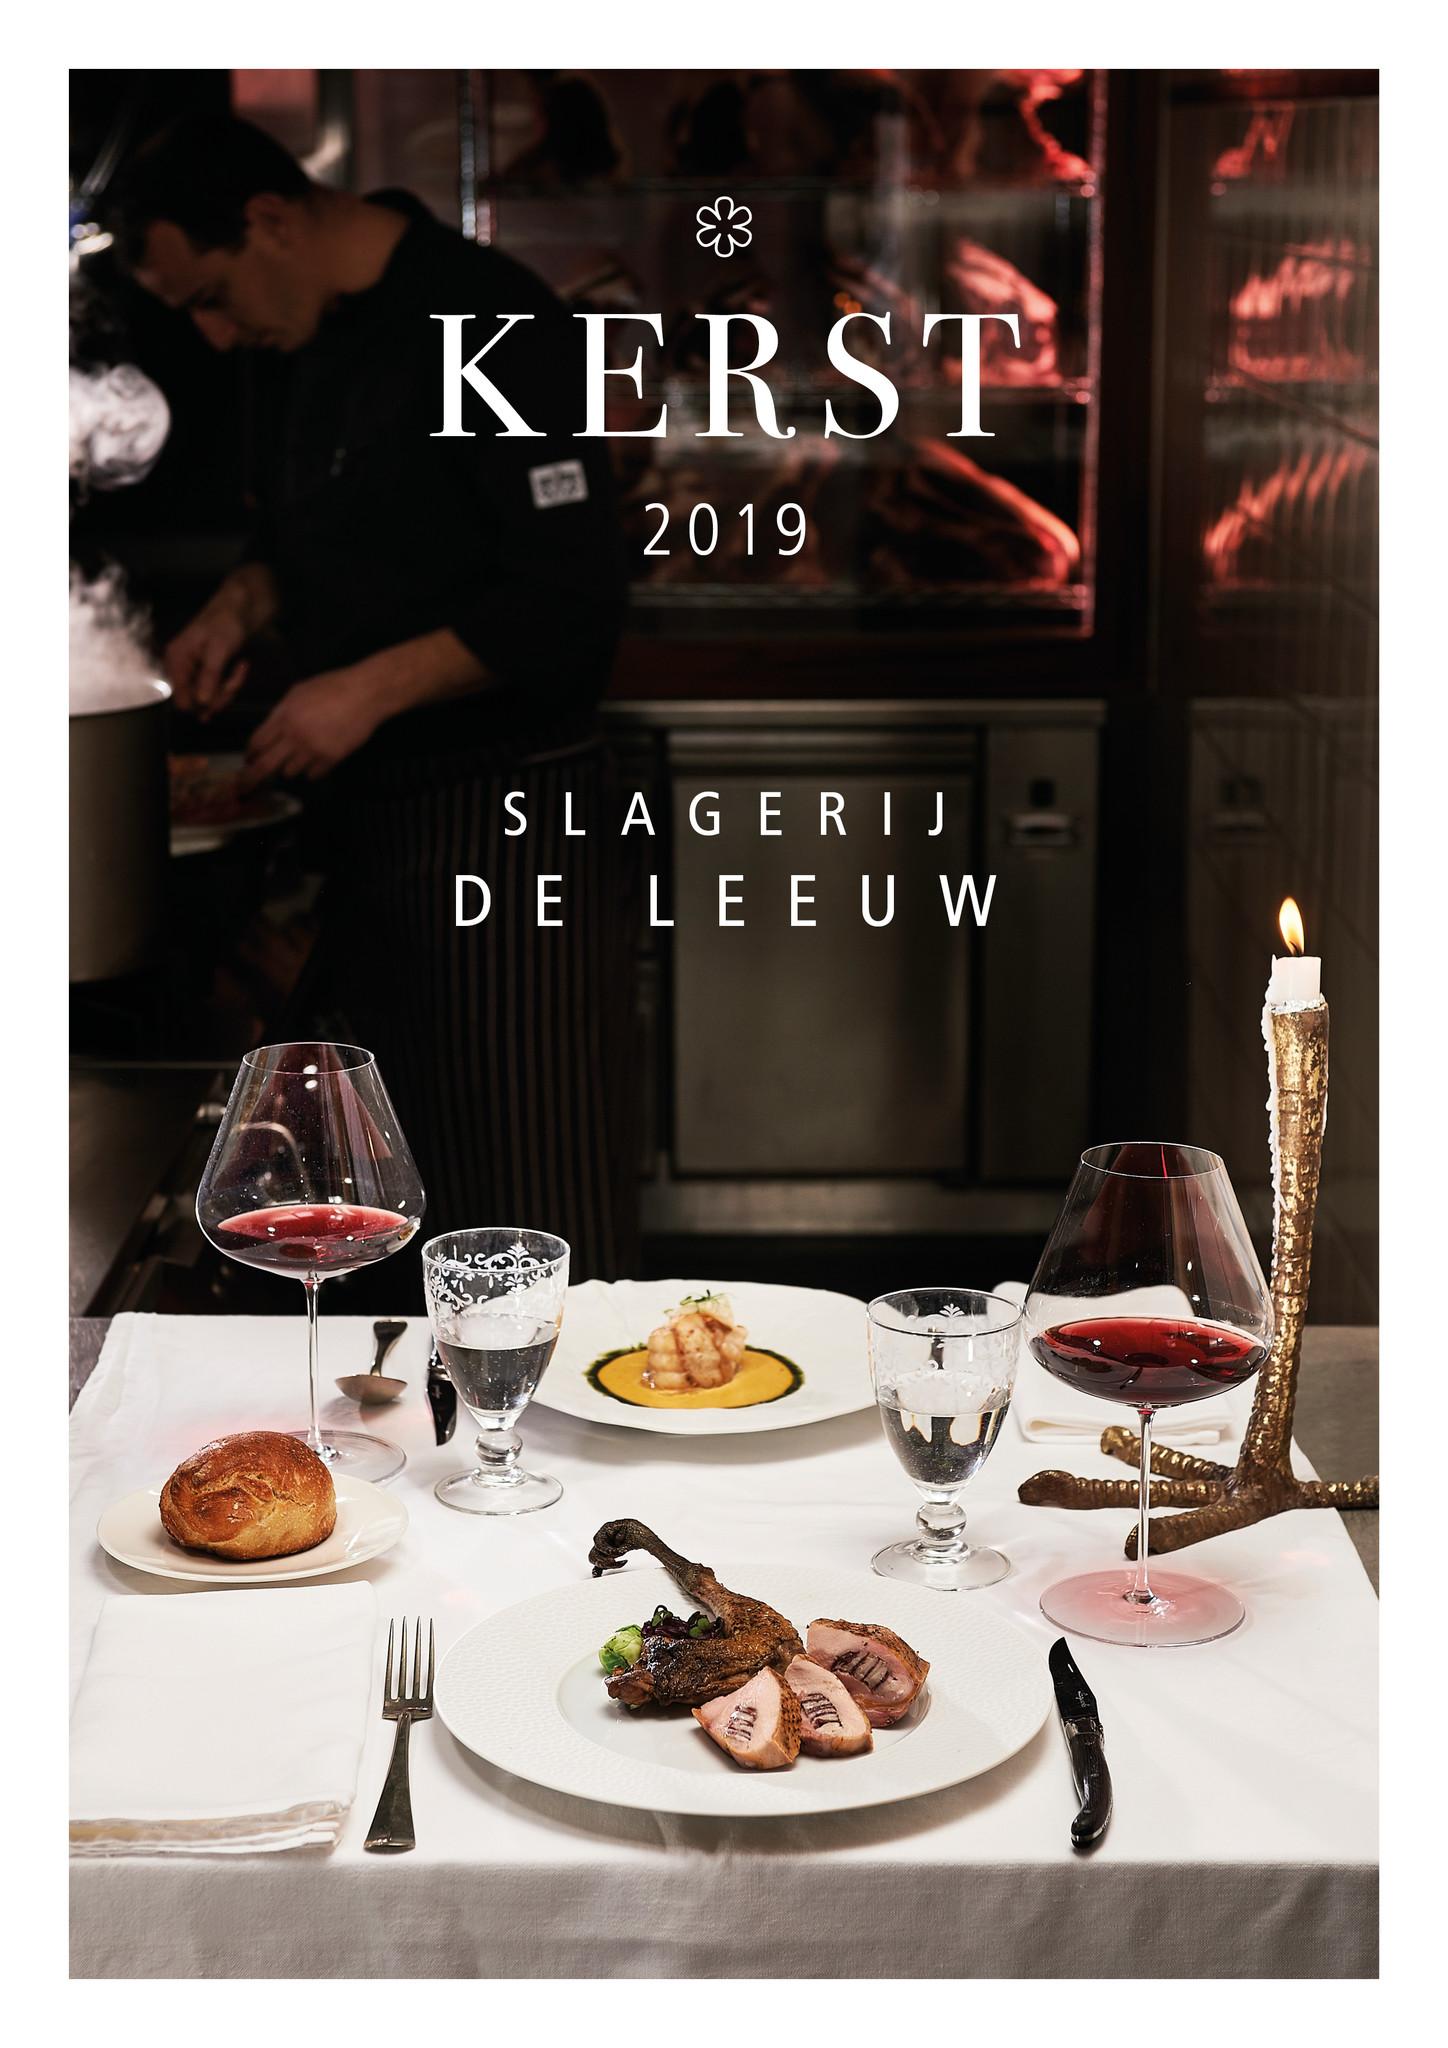 Kerstbrochure 2019 Slagerij De Leeuw traiteur deli Amsterdam